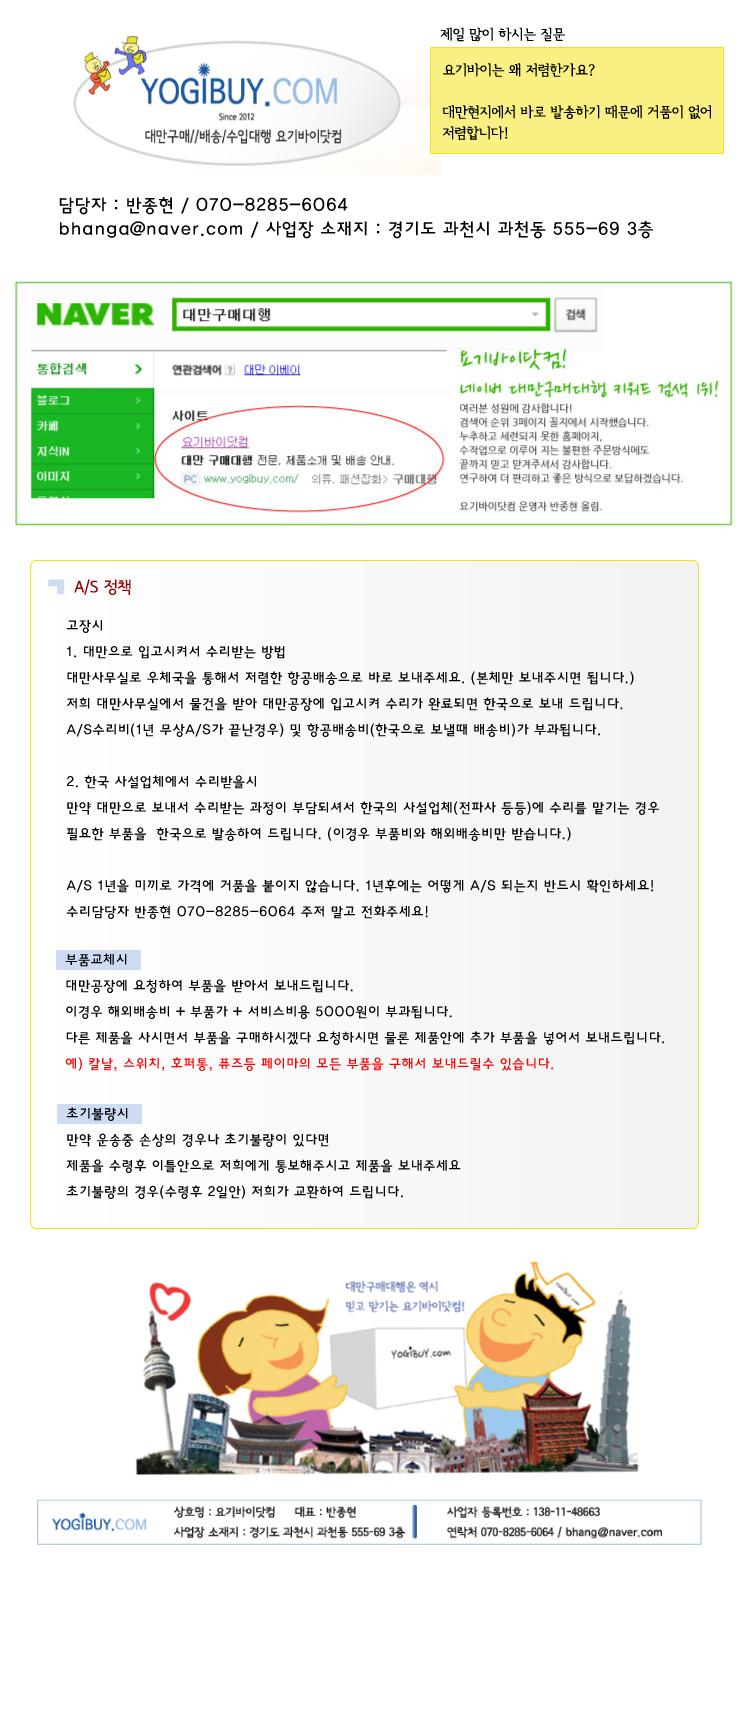 페이마광고900nTQ(2014.11.5)_03.jpg